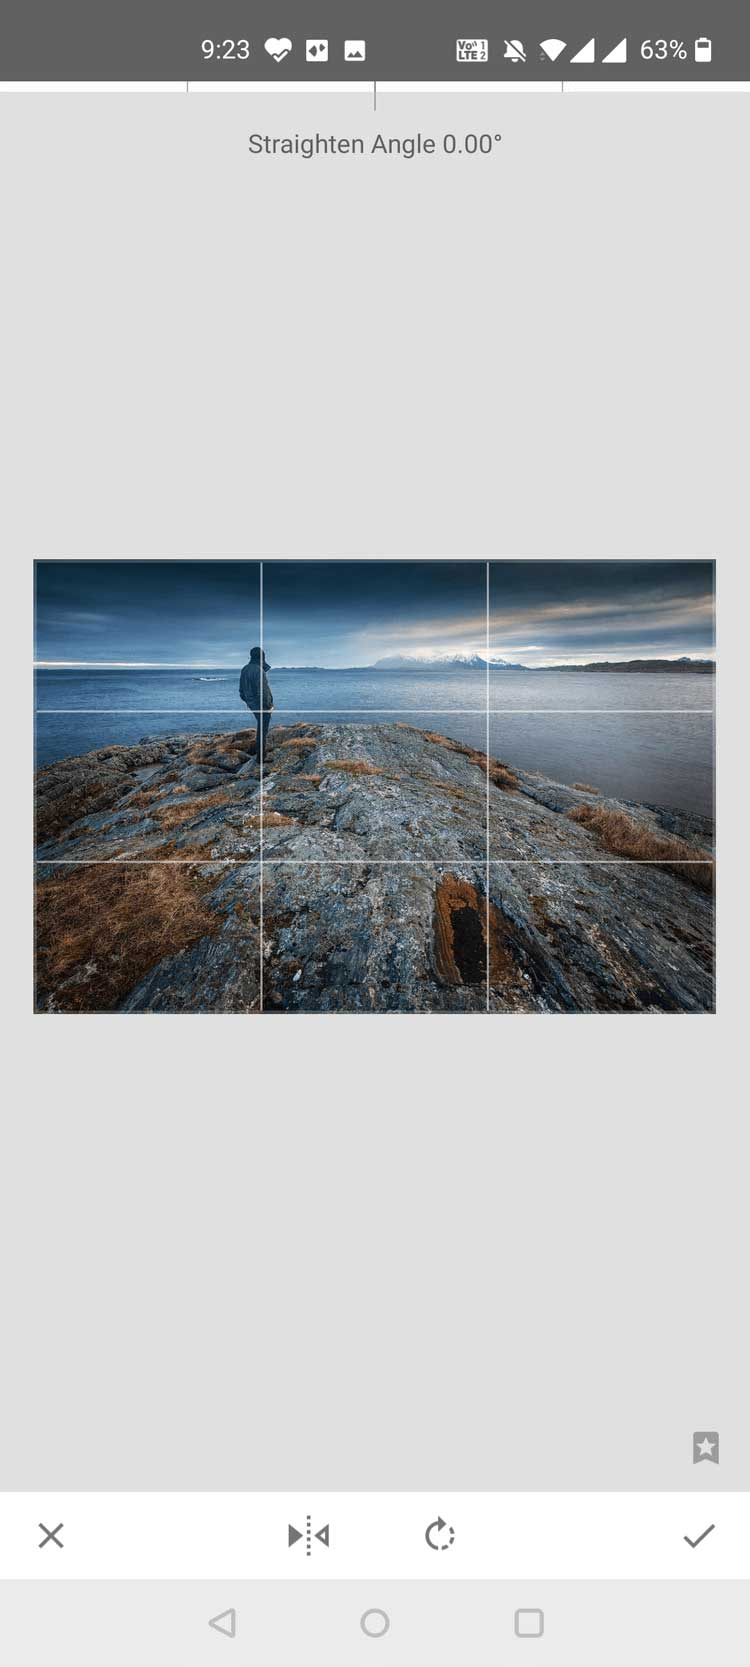 Lật ảnh bằng Snapseed trên Android